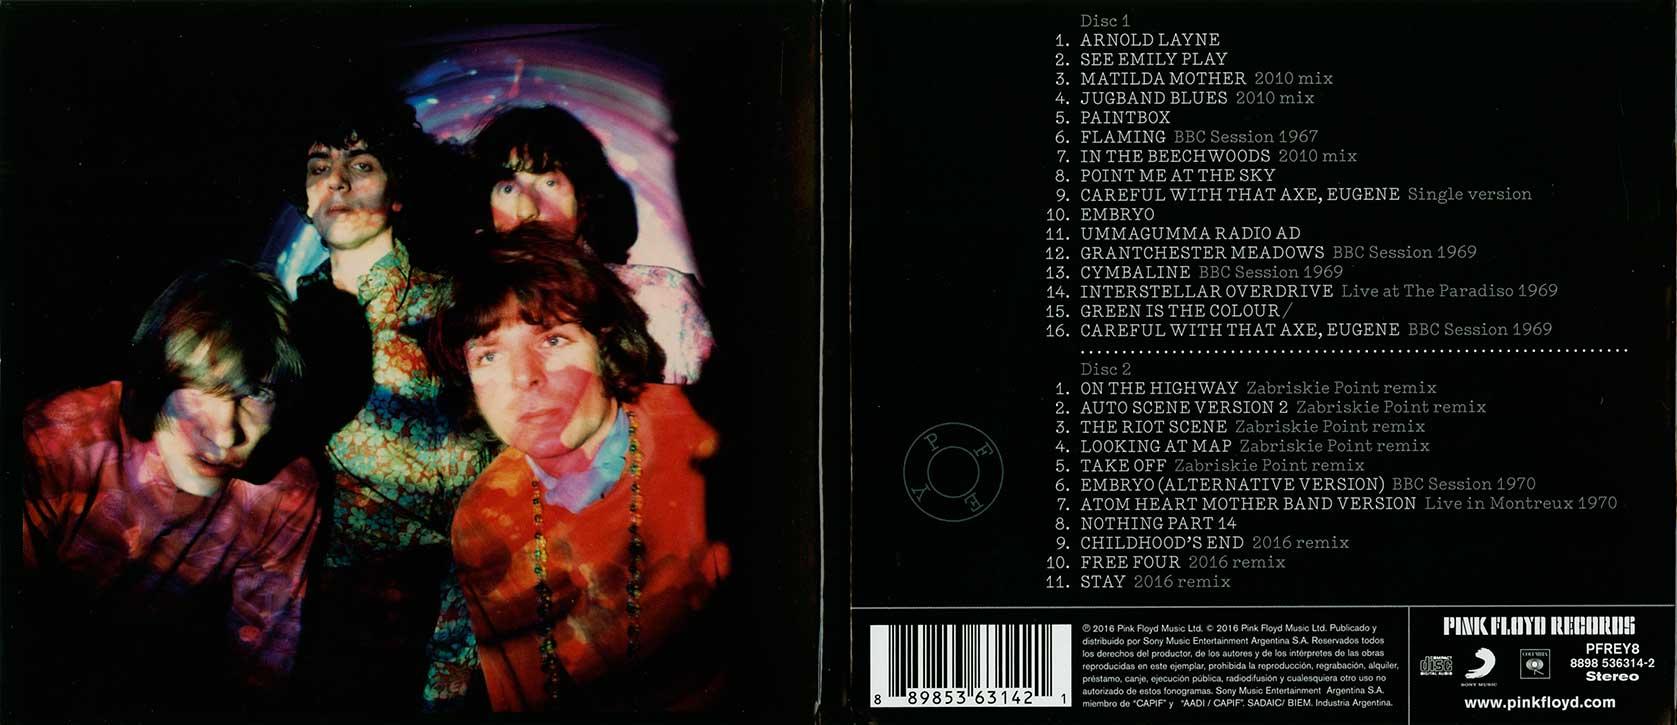 Pink Floyd Archives-Argentinean Pink Floyd Compilation & Sampler CD